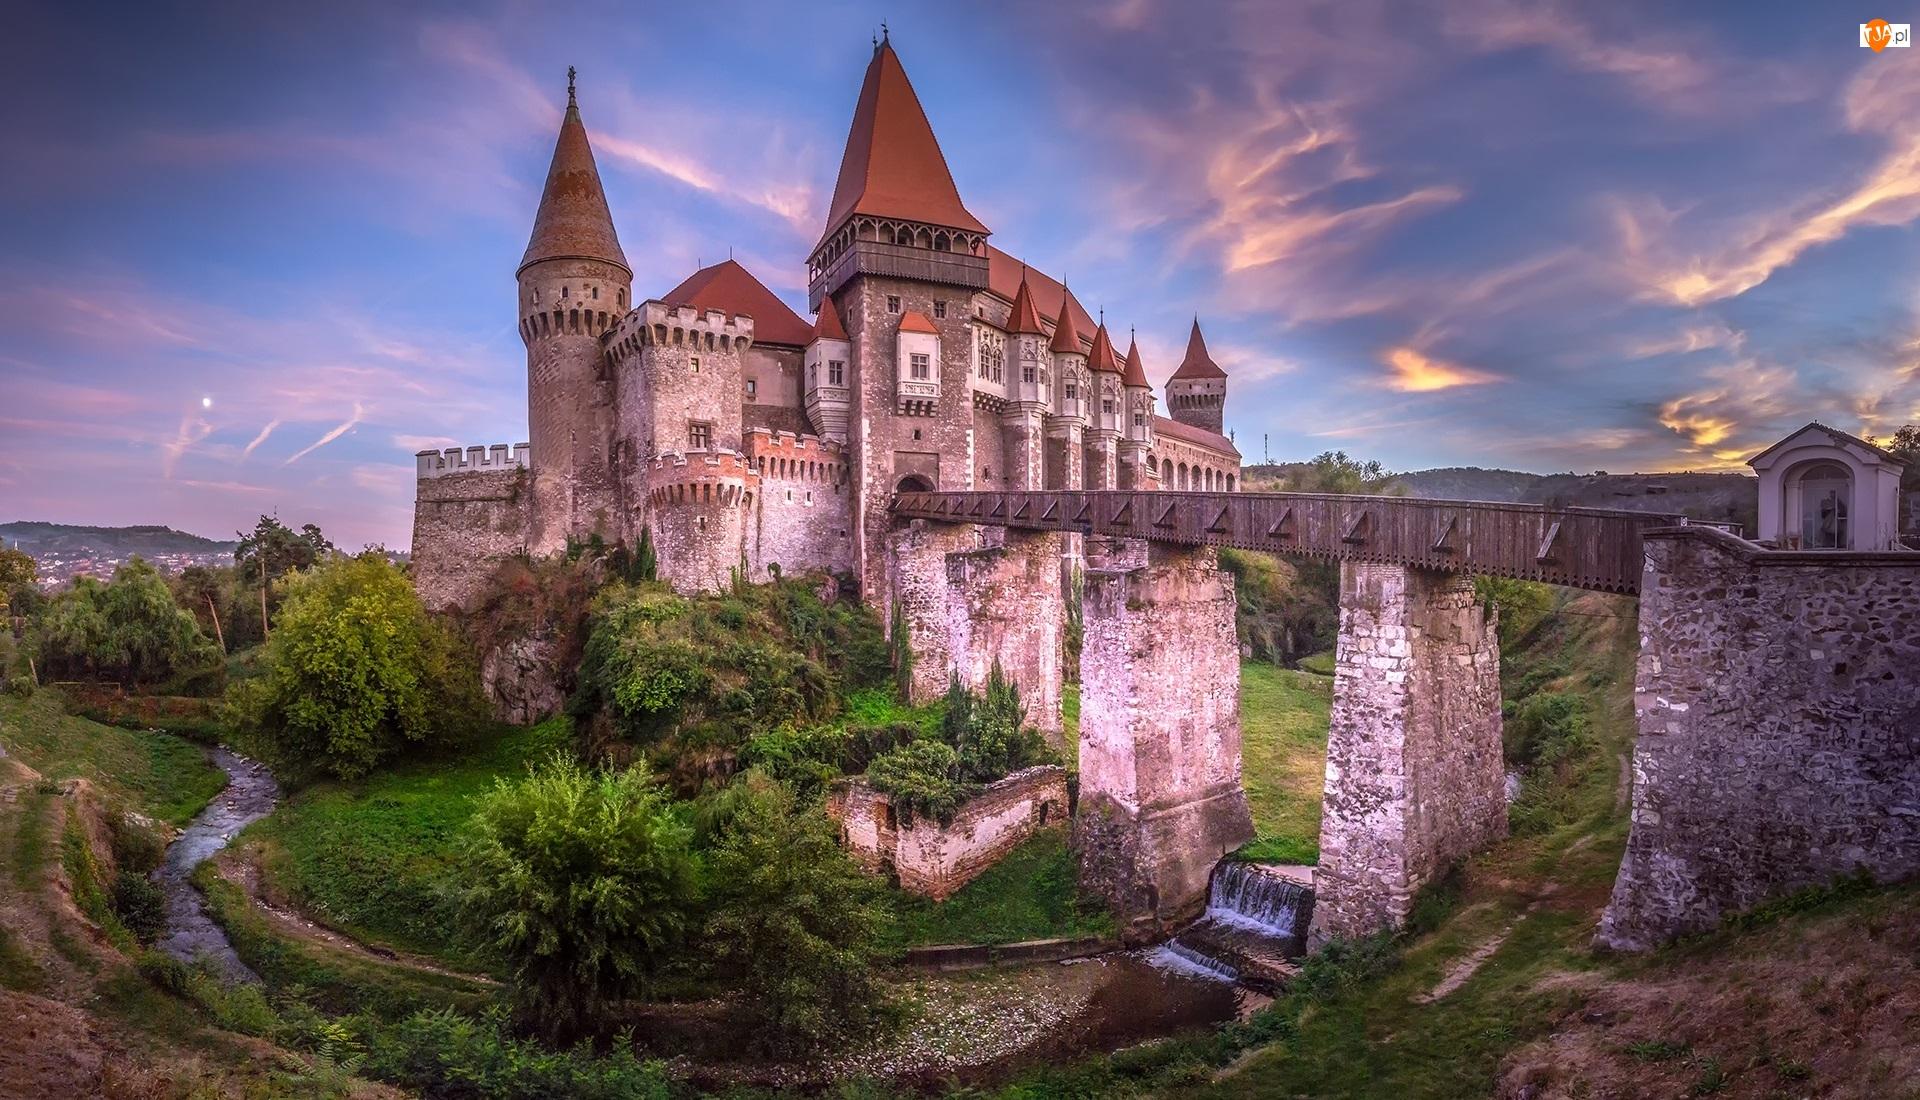 Zachód słońca, Rzeka Cerna, Most, Zamek Korwina, Wyżyna Transylwańska, Rumunia, Hunedoara, Transylwania, Zamek w Hunedoarze, Drzewa